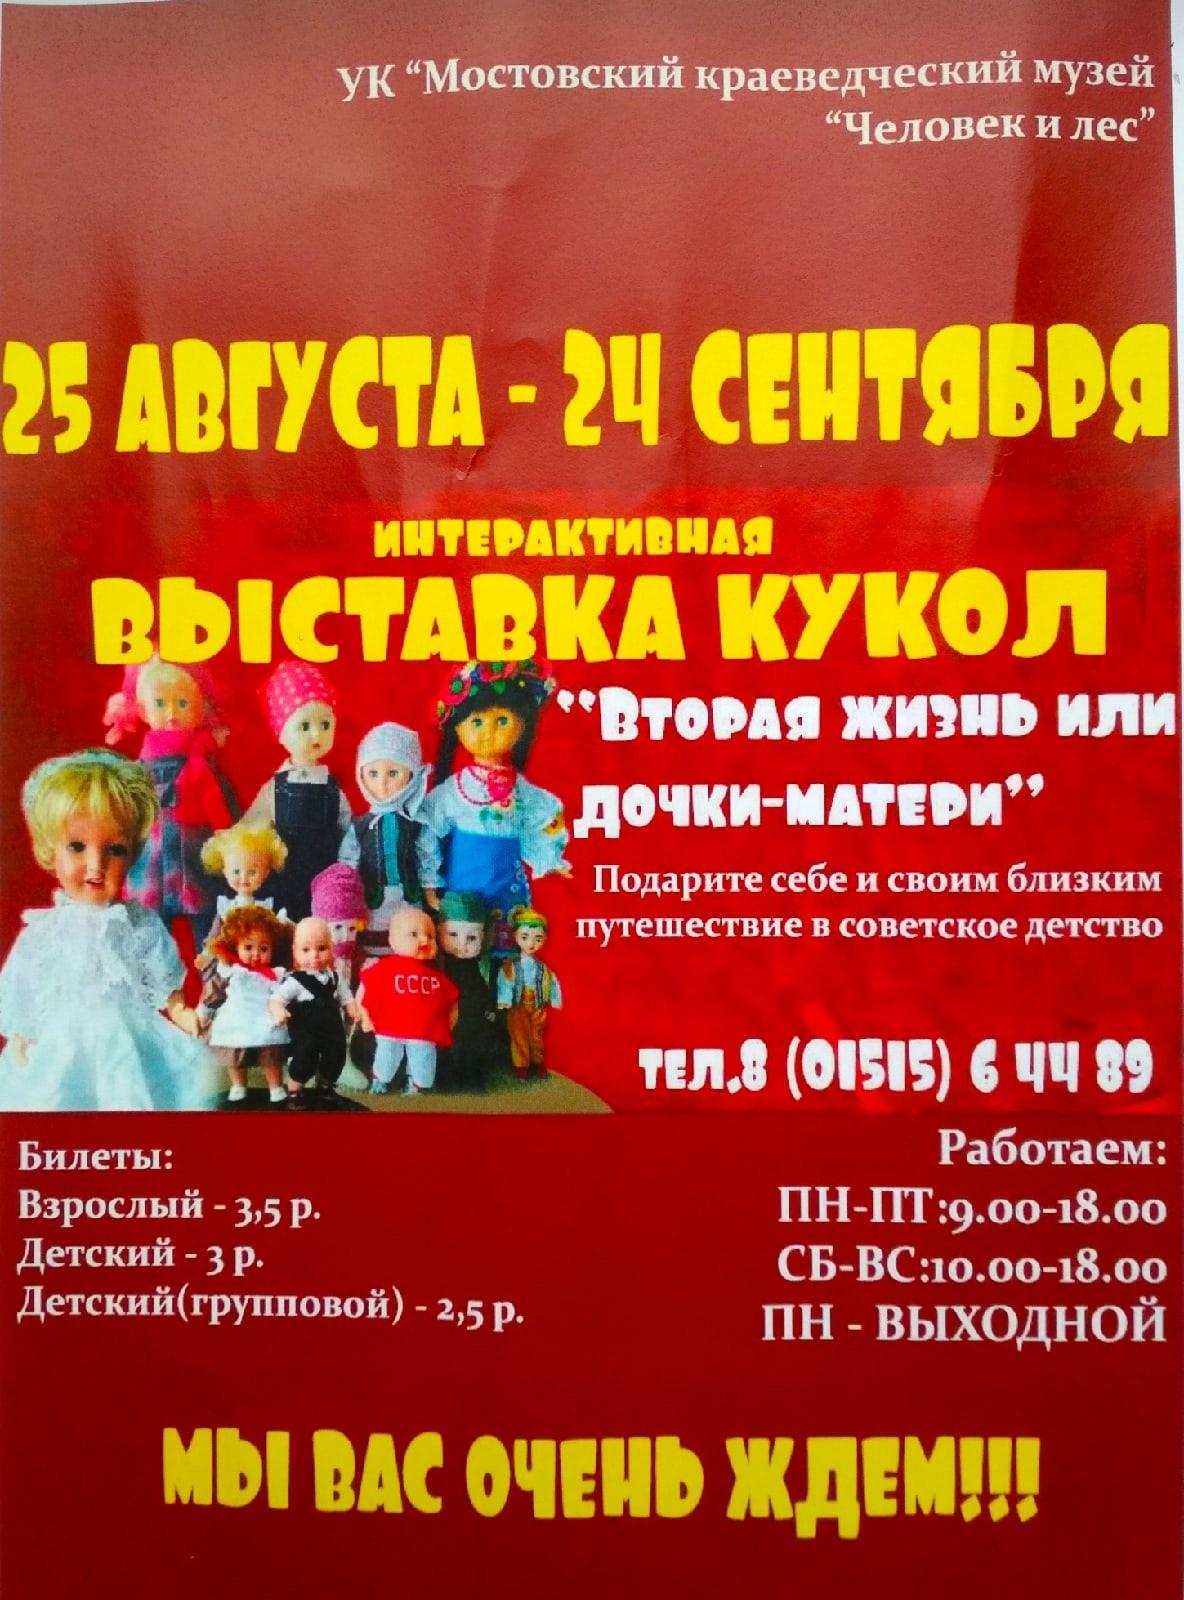 """В музее """"Лес и человек"""" открывается выставка кукол советского времени"""